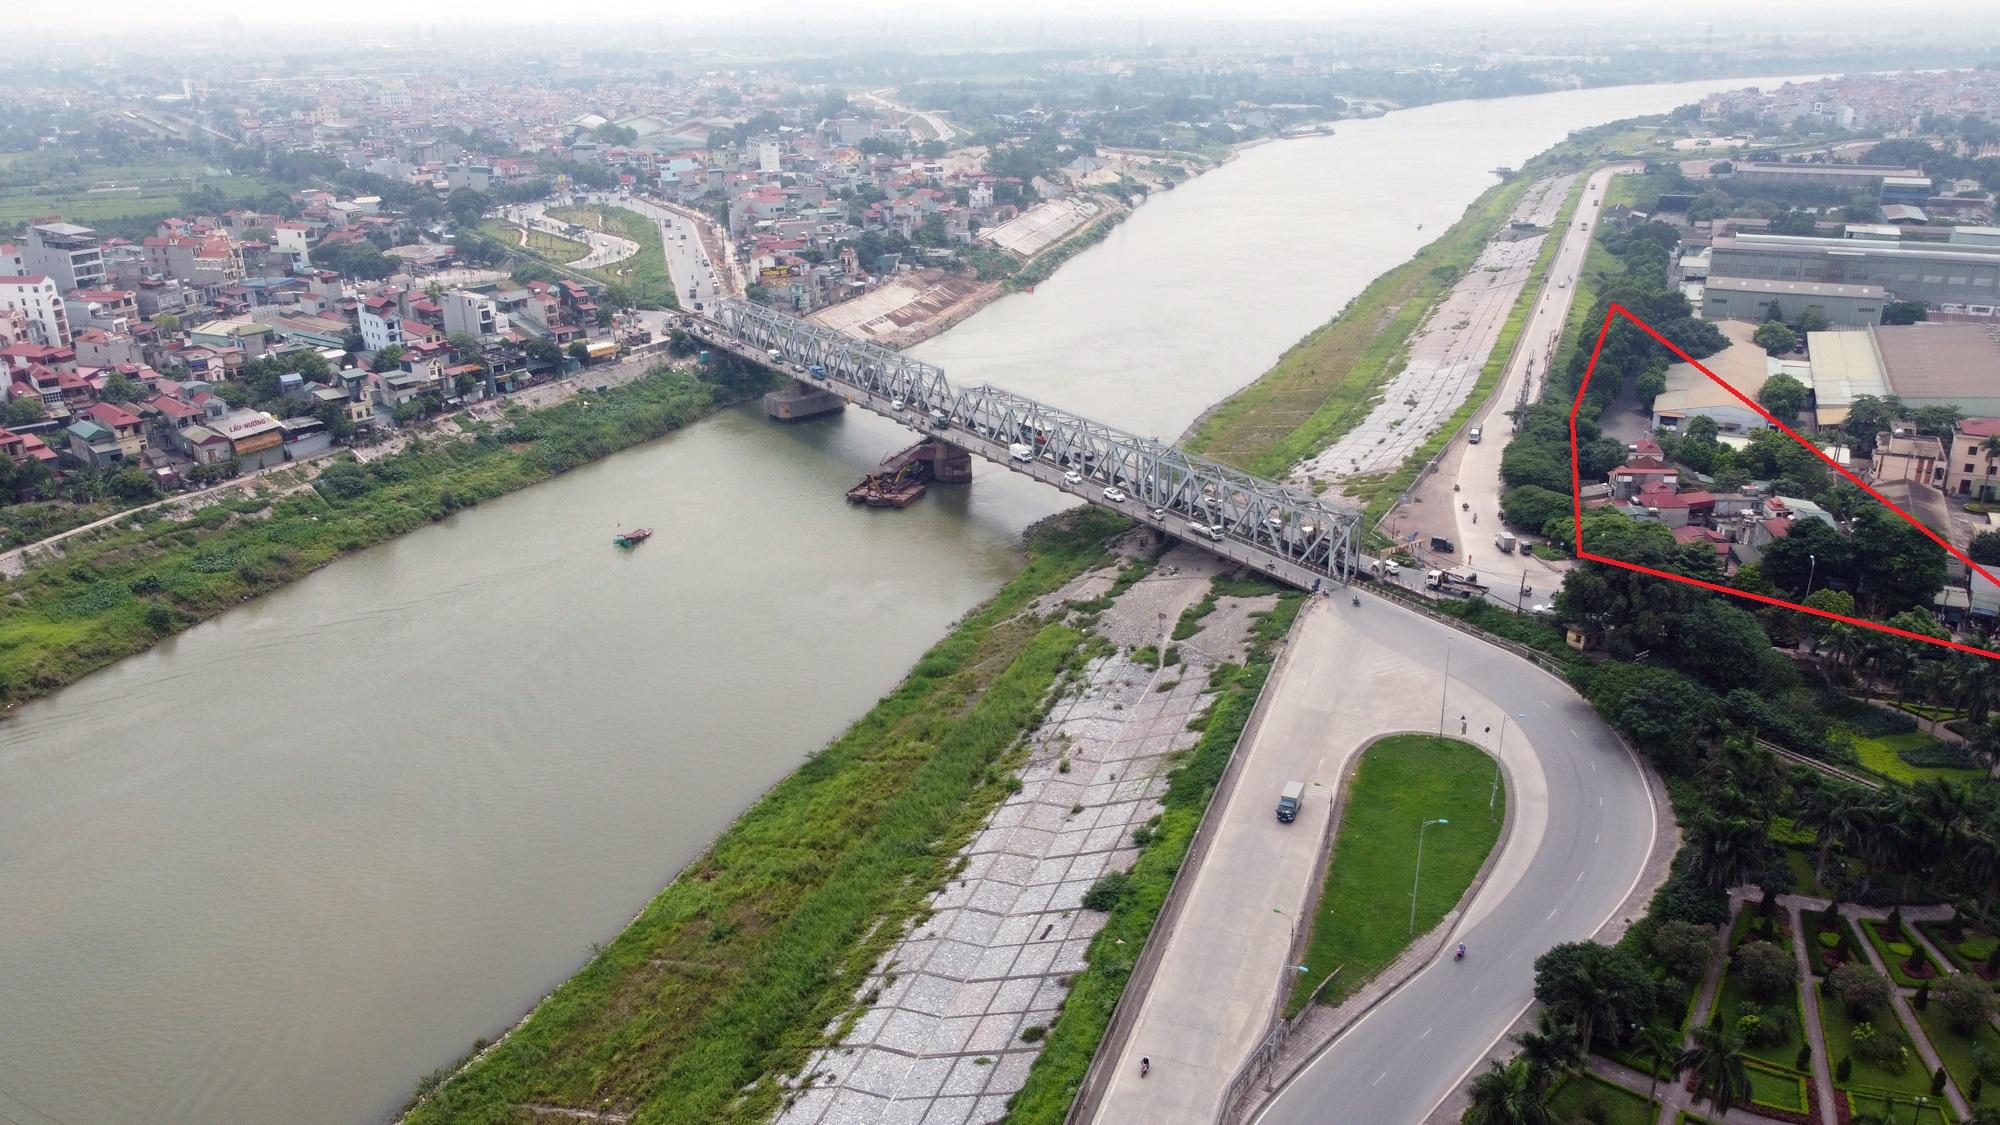 Những khu đất sắp thu hồi để mở đường ở phường Đức Giang, Long Biên, Hà Nội (phần 1) - Ảnh 16.